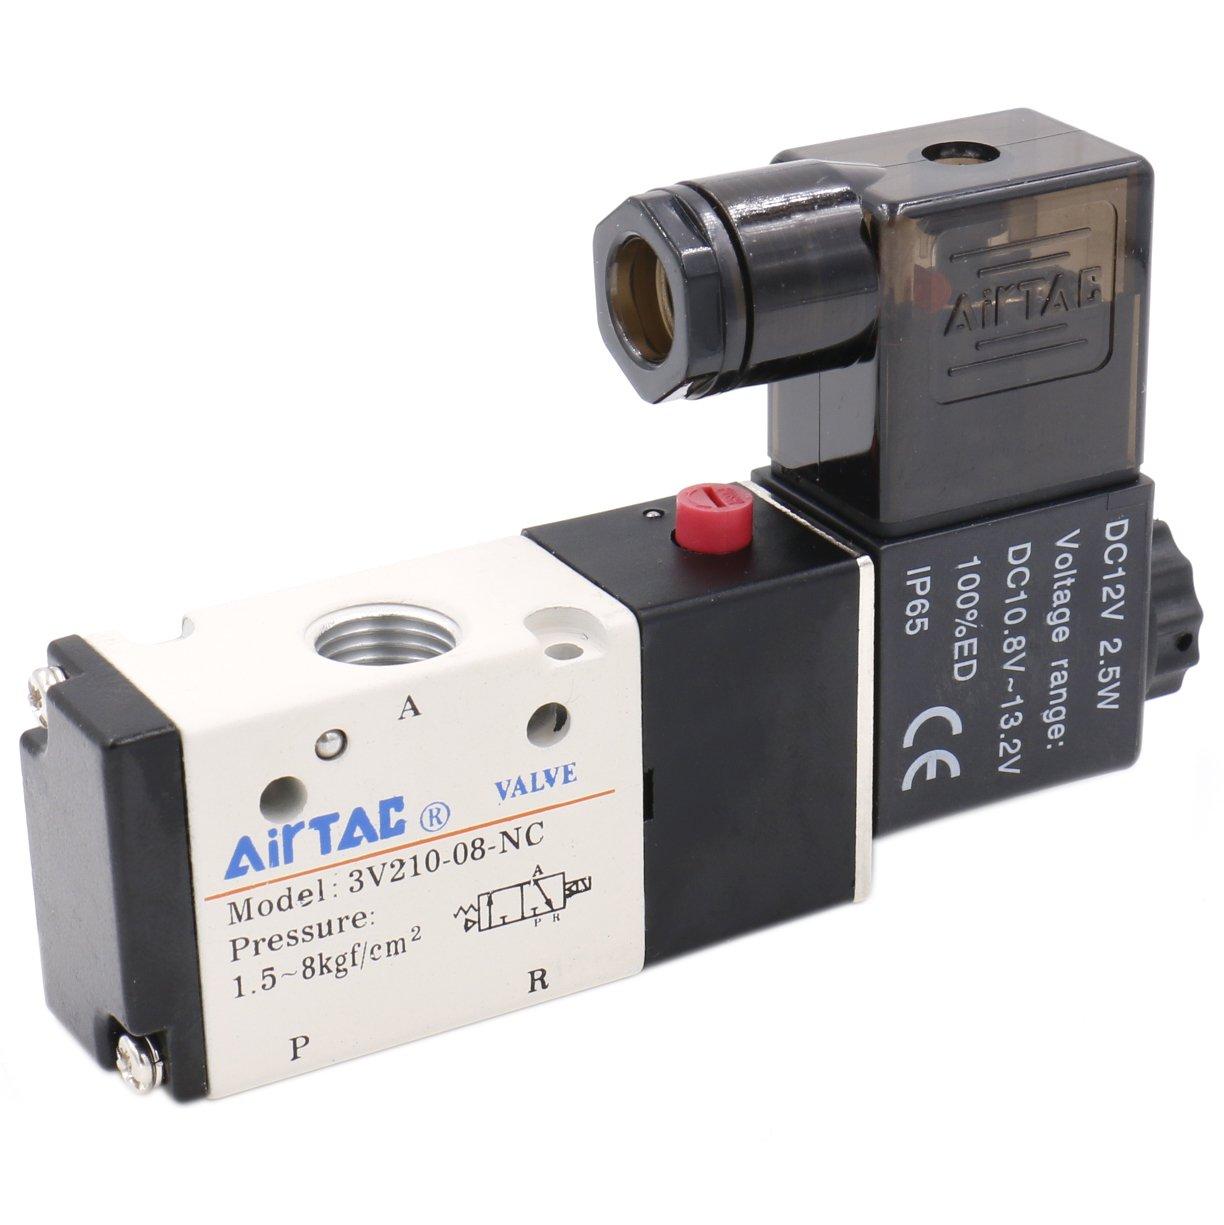 Heschen Electrical Pneumatic Solenoid Valve 3V210-08 12VDC 2.5W PT1/4 3/2 Way CE OEM